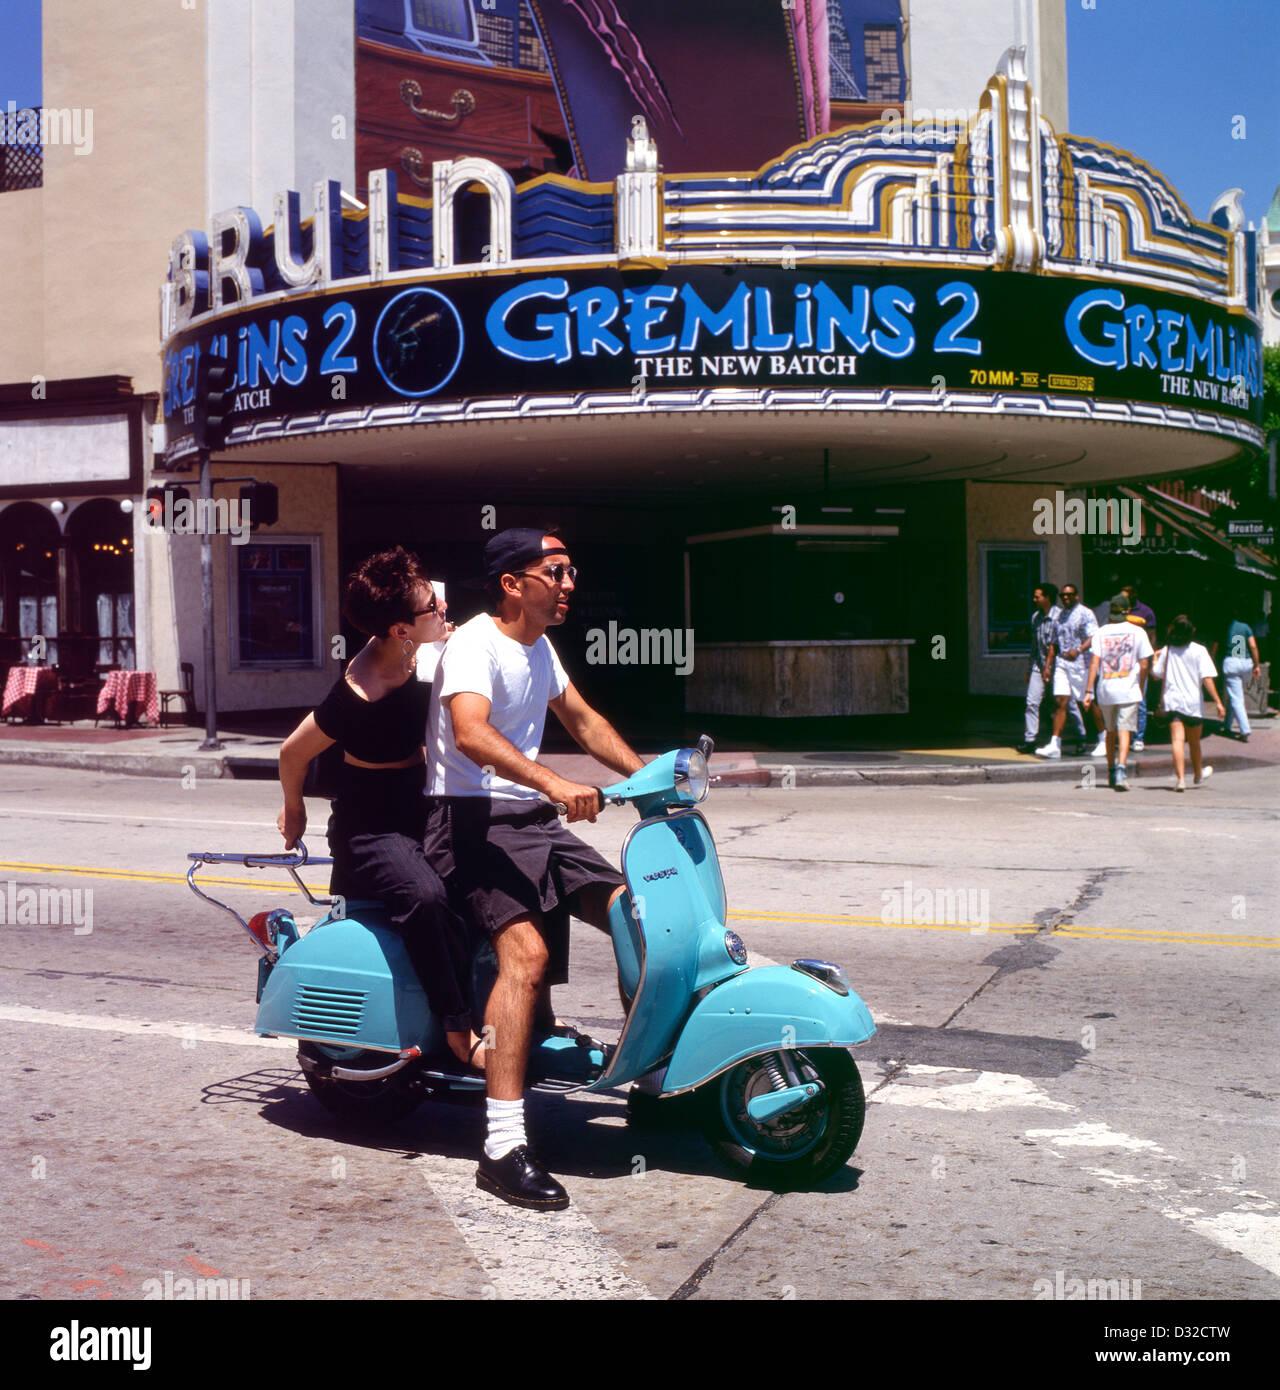 Paar auf einem Motorroller fahren vorbei an Gremlins 2 Film bei Bruin Westwood Theatre Los Angeles, Kalifornien Stockbild